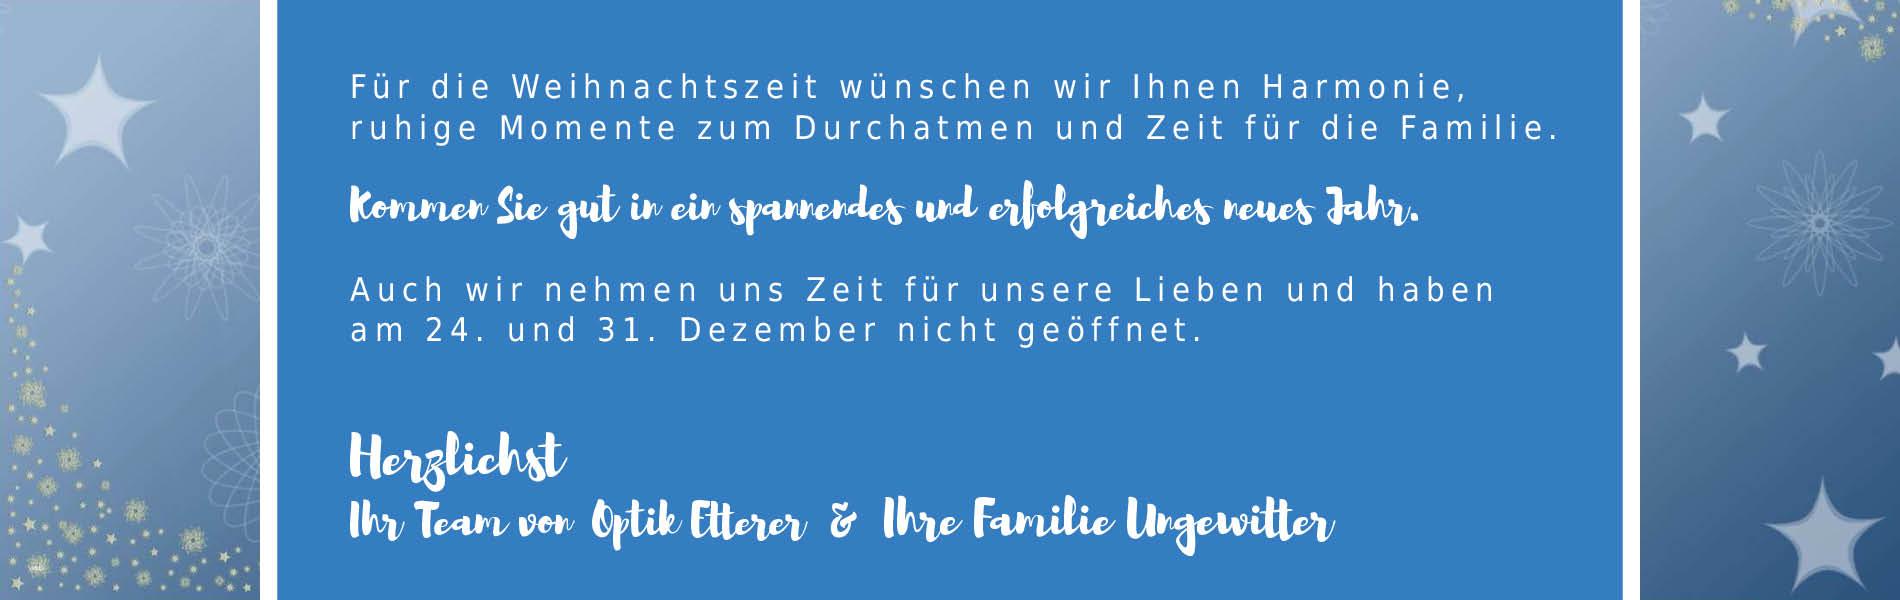 2018_etterer_Weihnachten_Slider_schliessungszeiten